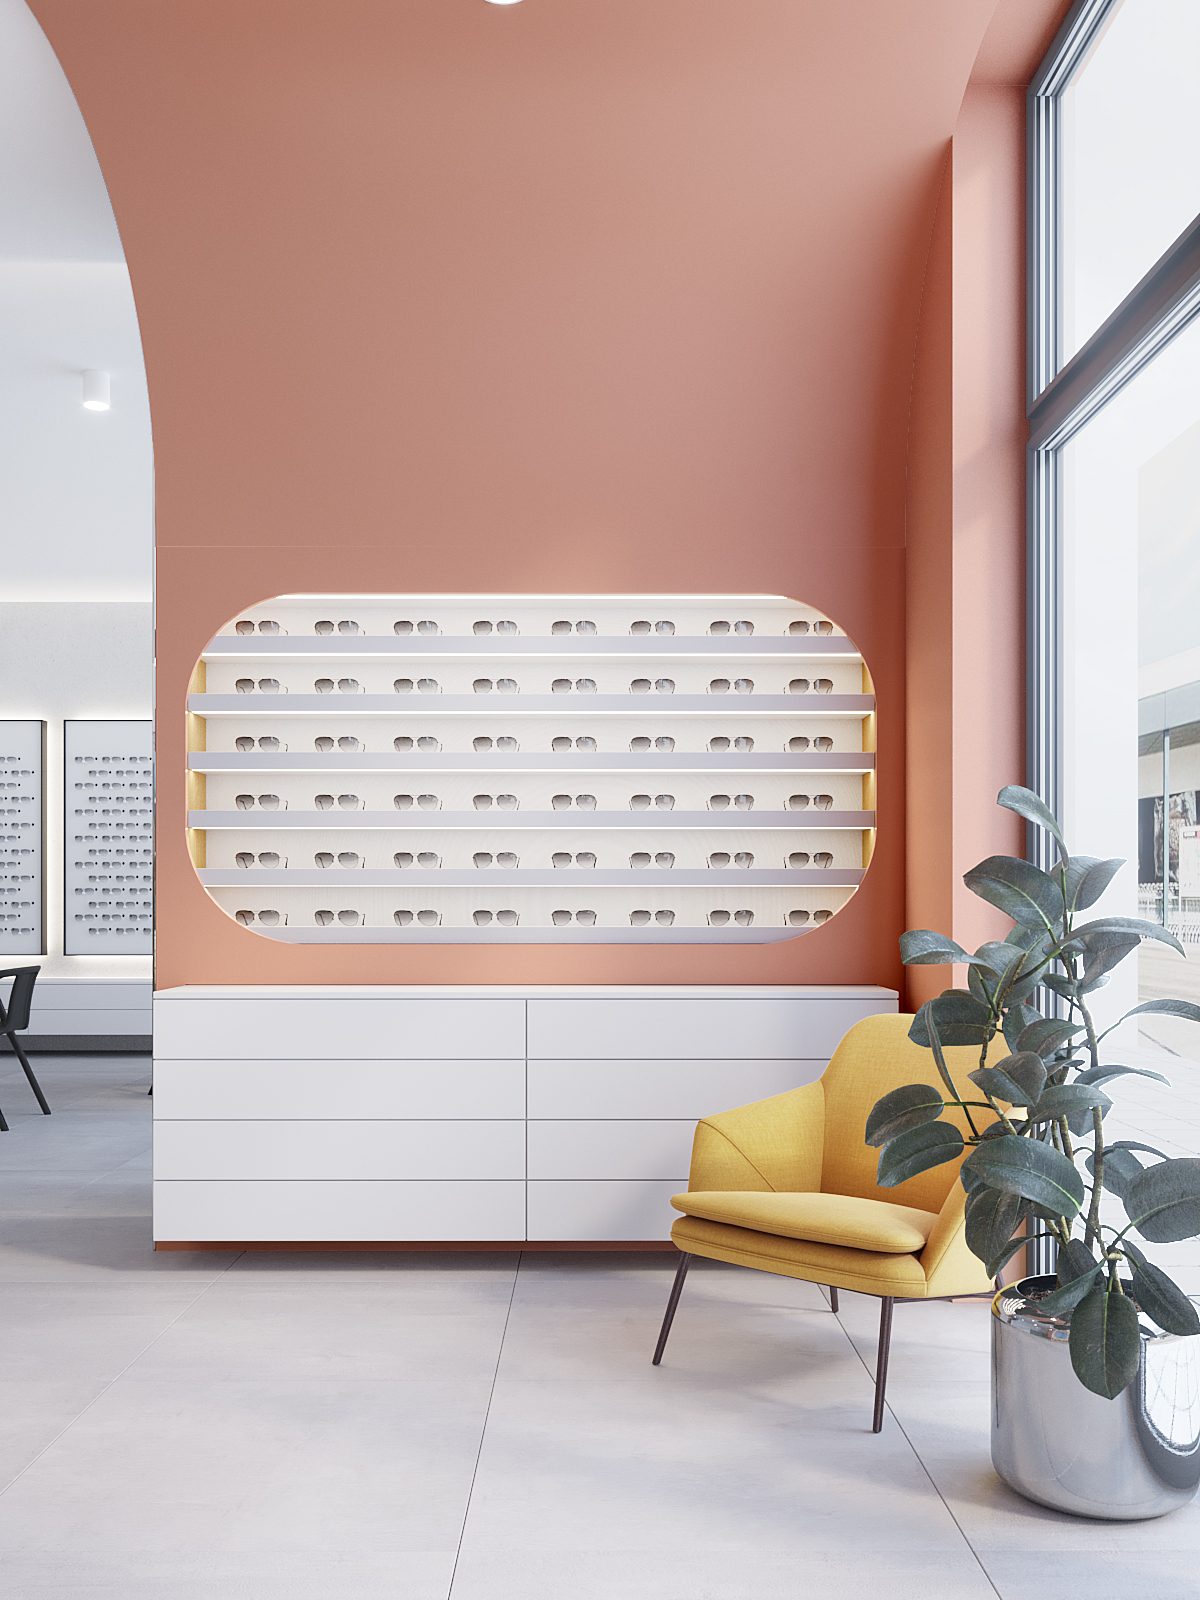 7 architekt wnetrz K099 optyk Strozik Bytom ekspozycja rozowy akcent na scienie zolty fotel biala komoda